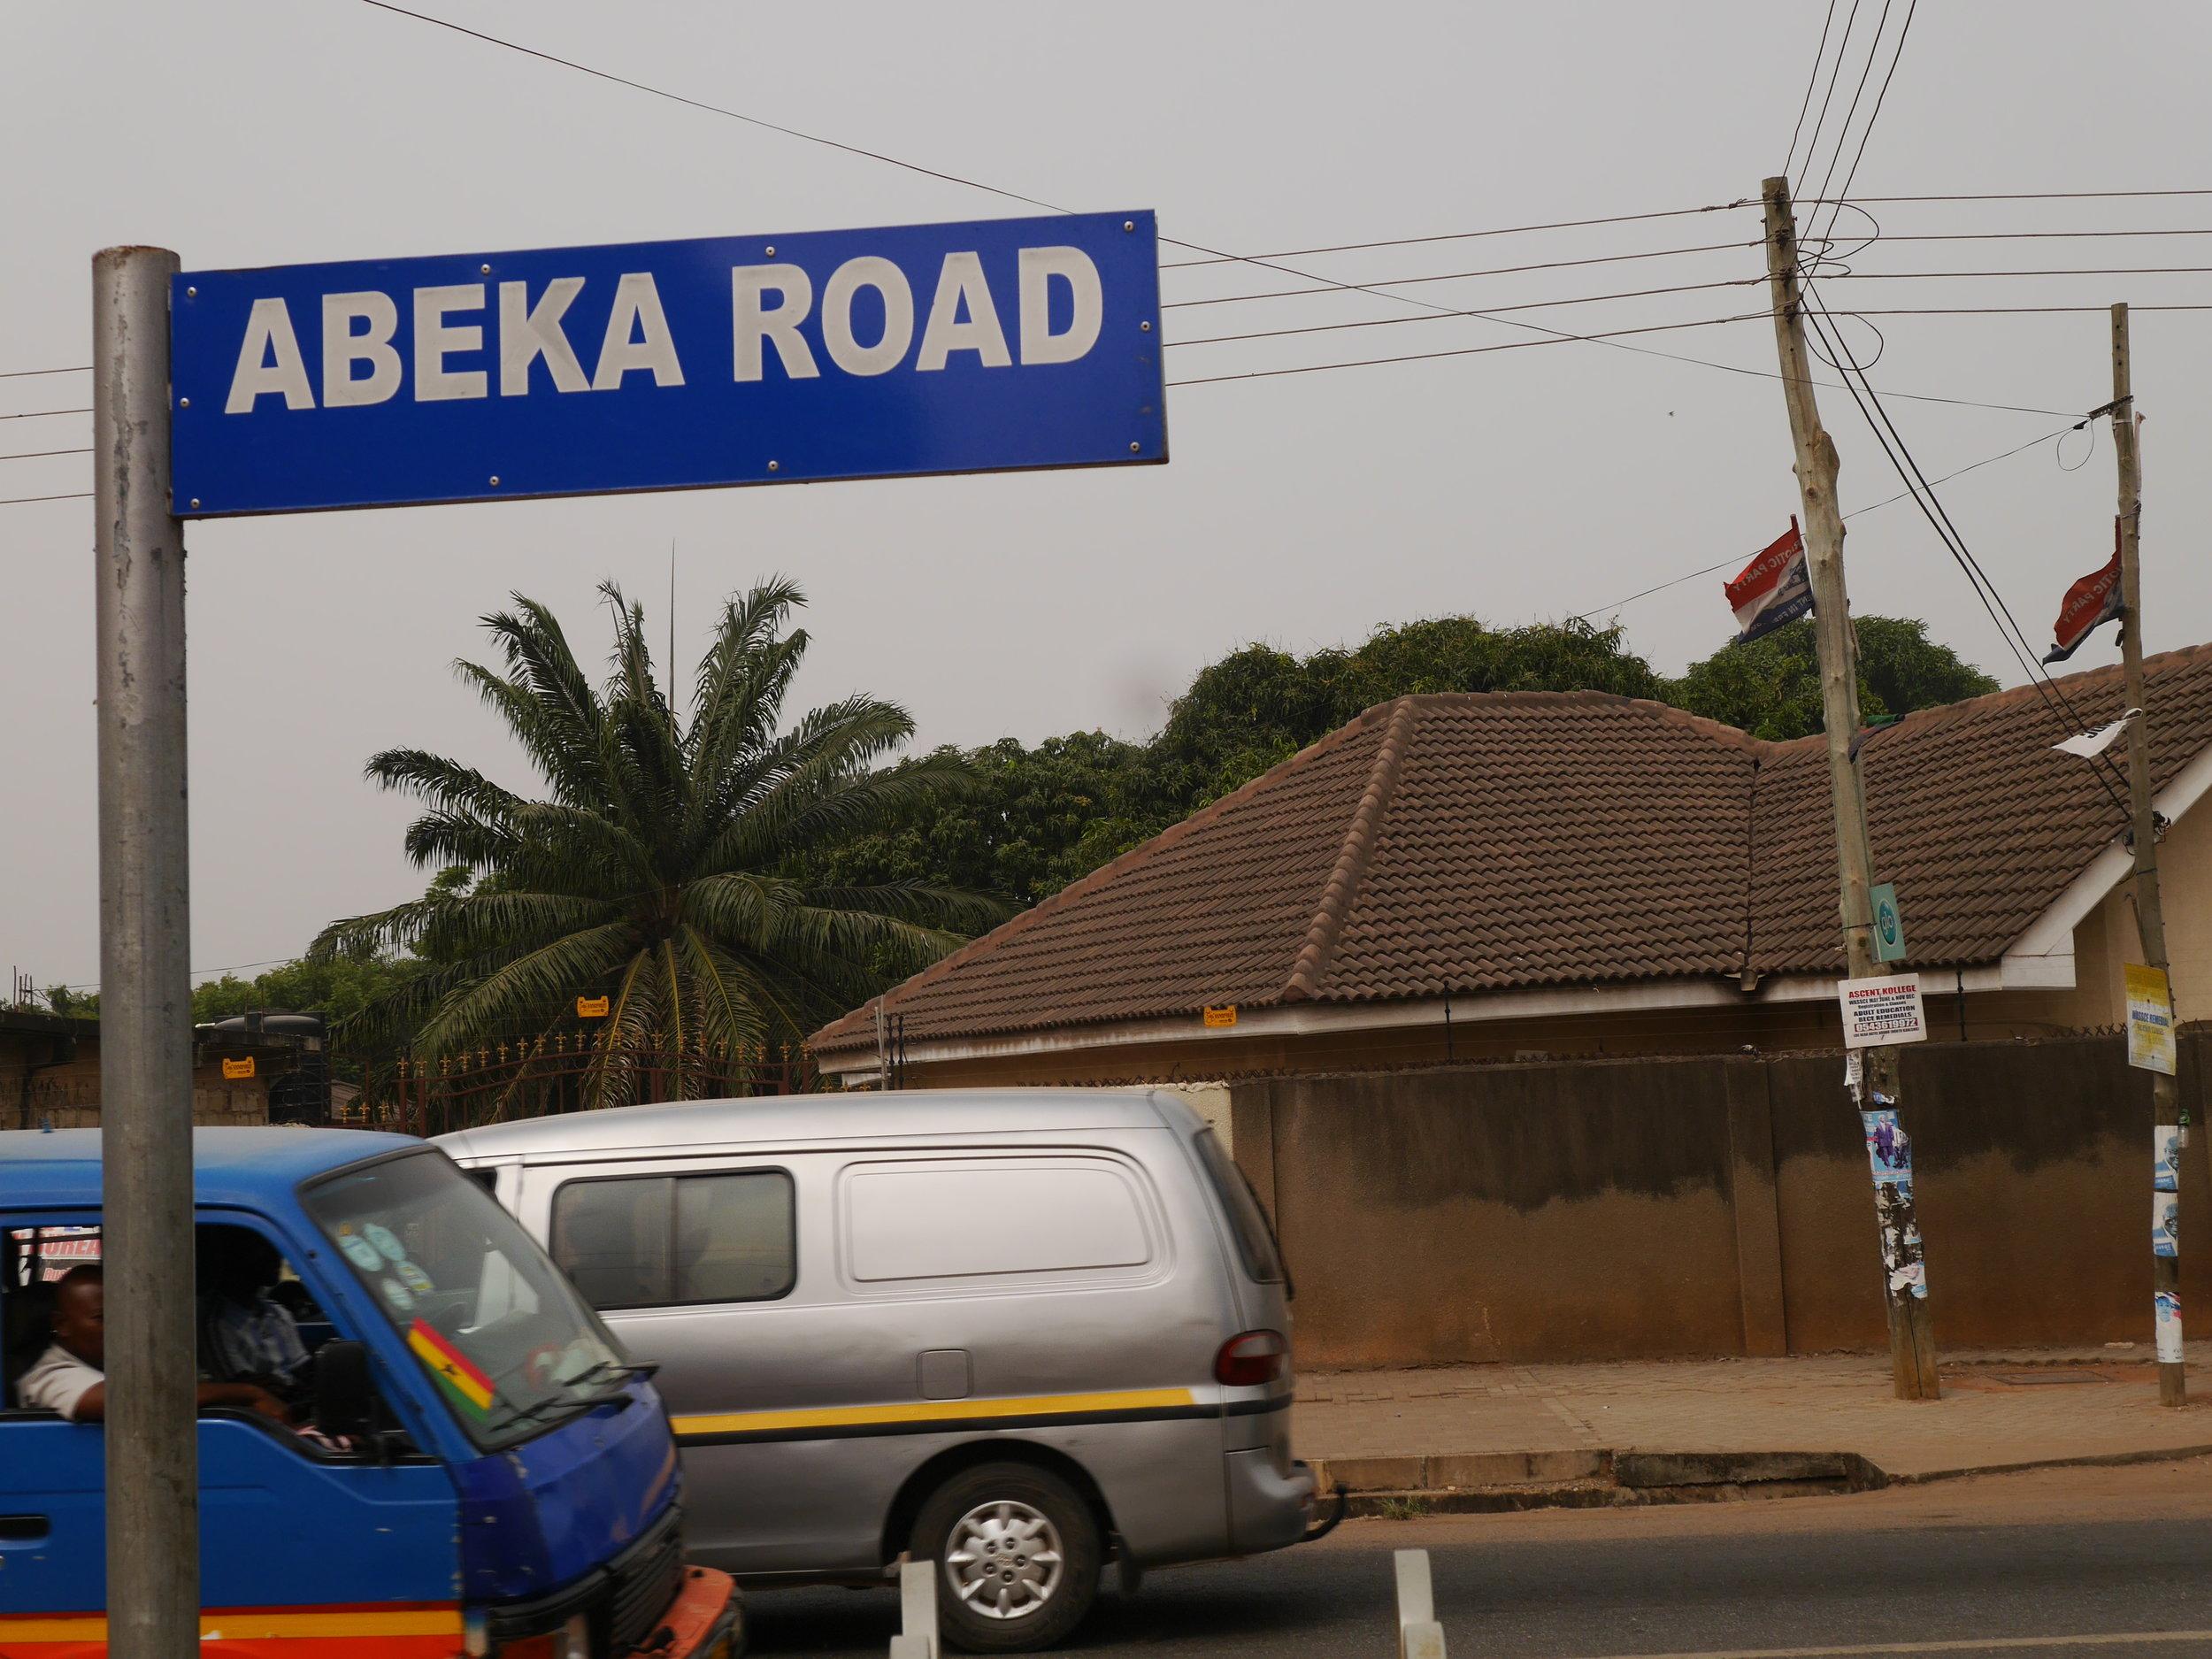 Abeka Road, 2016.